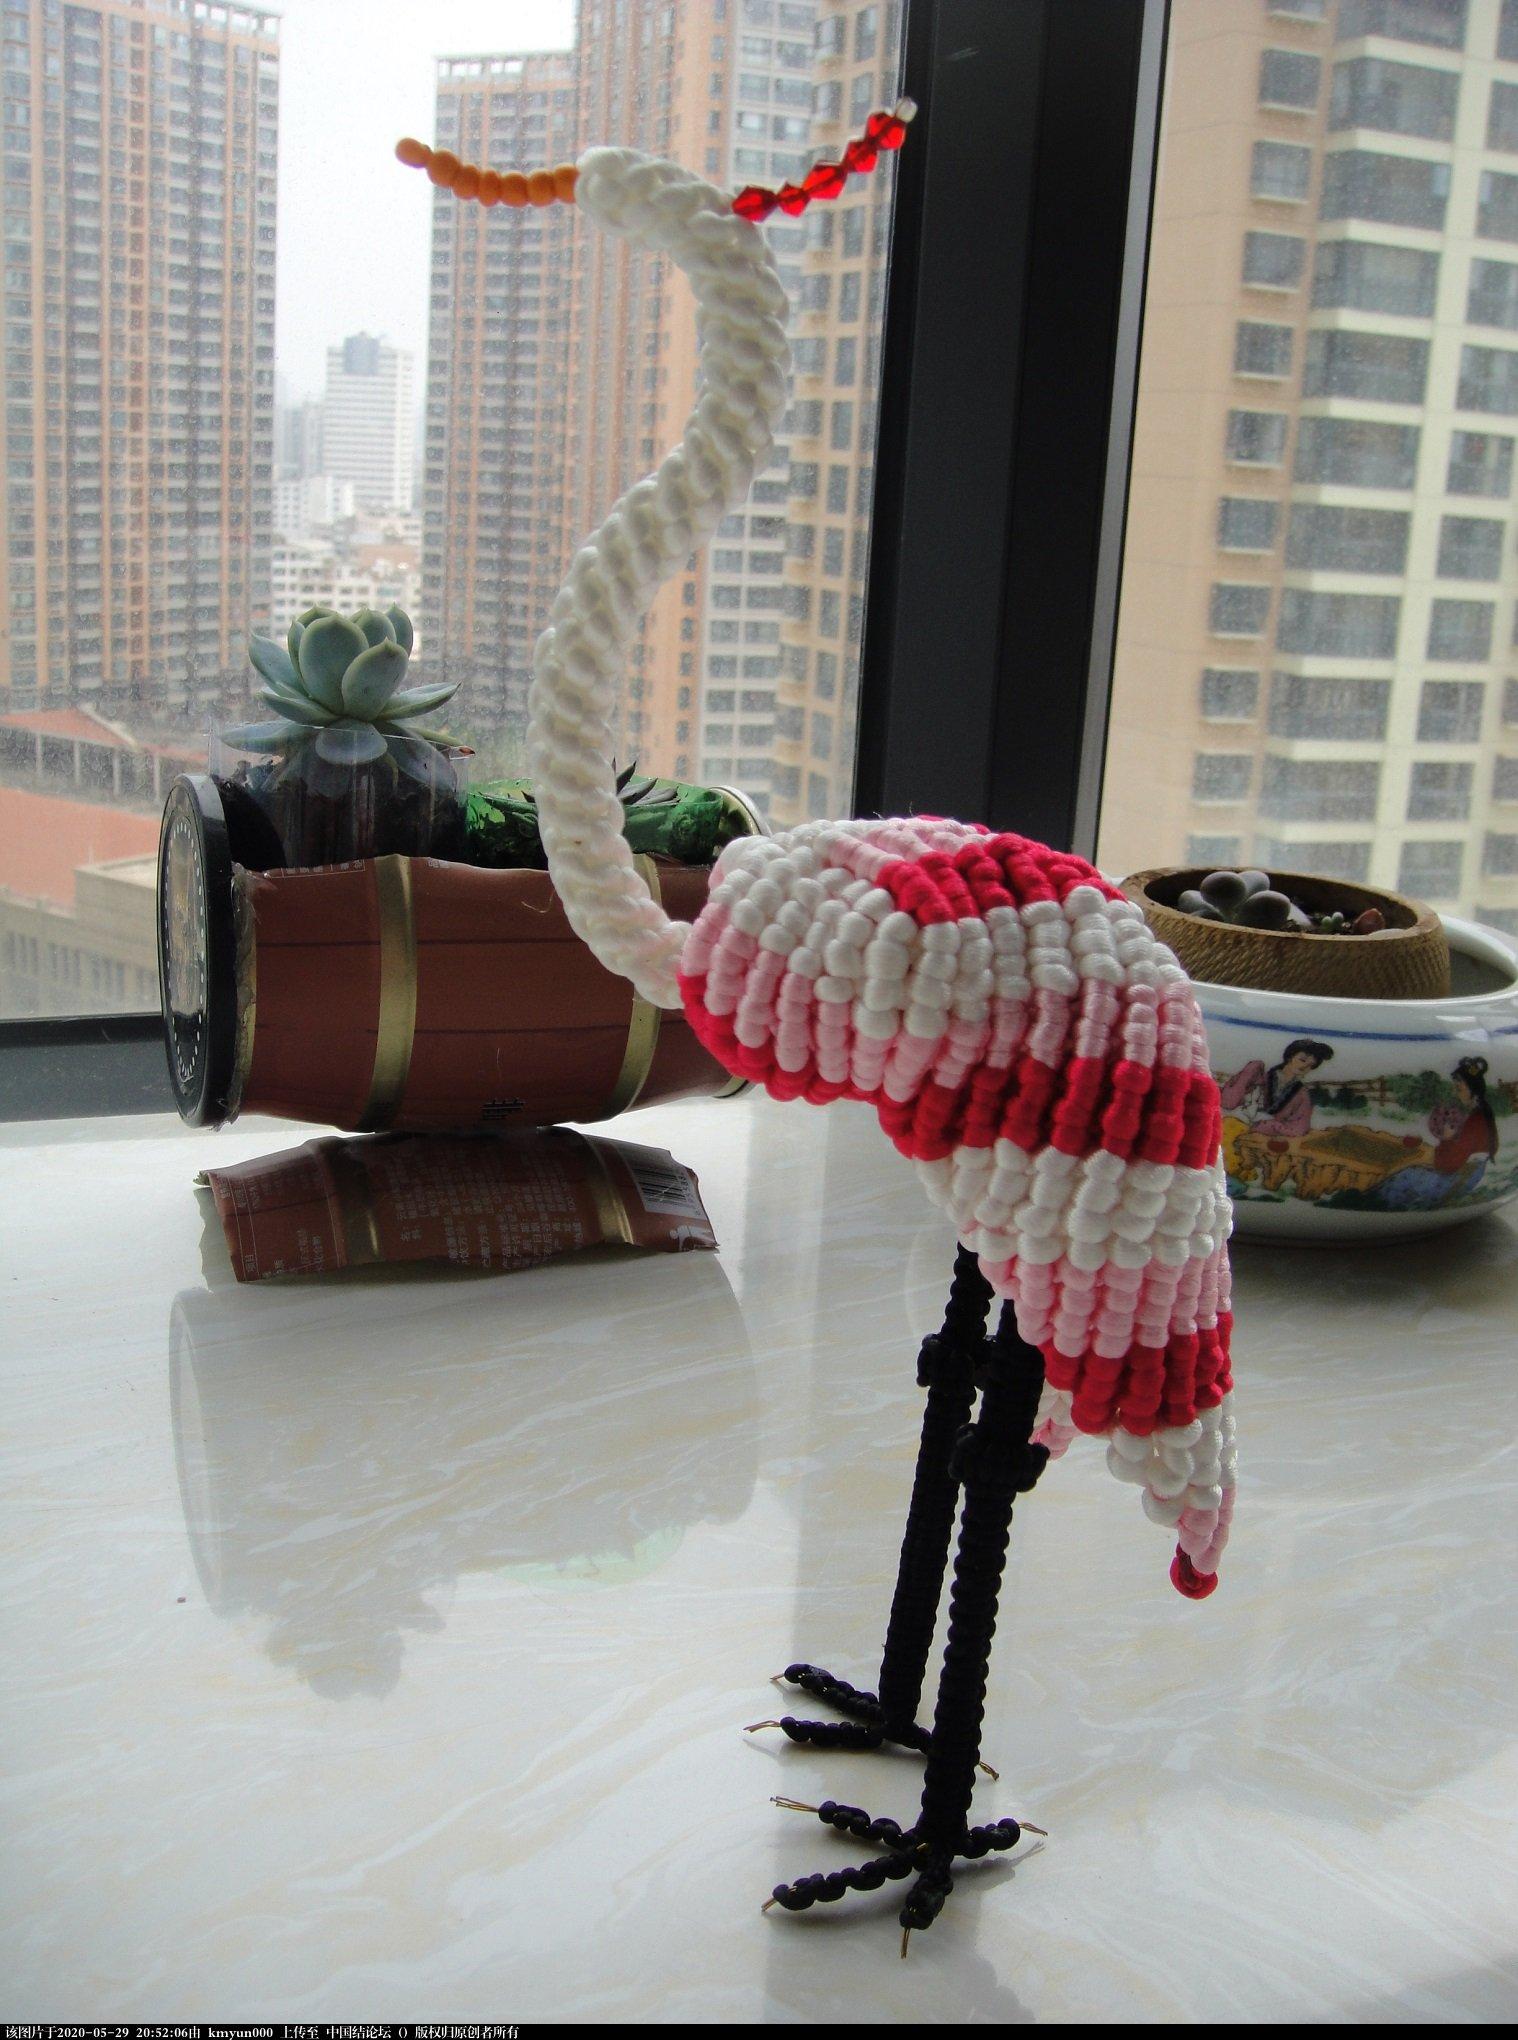 中国结论坛 仙鹤 仙鹤,仙鹤的寓意和象征,仙鹤图片,衣服为什么不能带仙鹤,仙鹤美图 作品展示 204749klwh8whakg873qzq